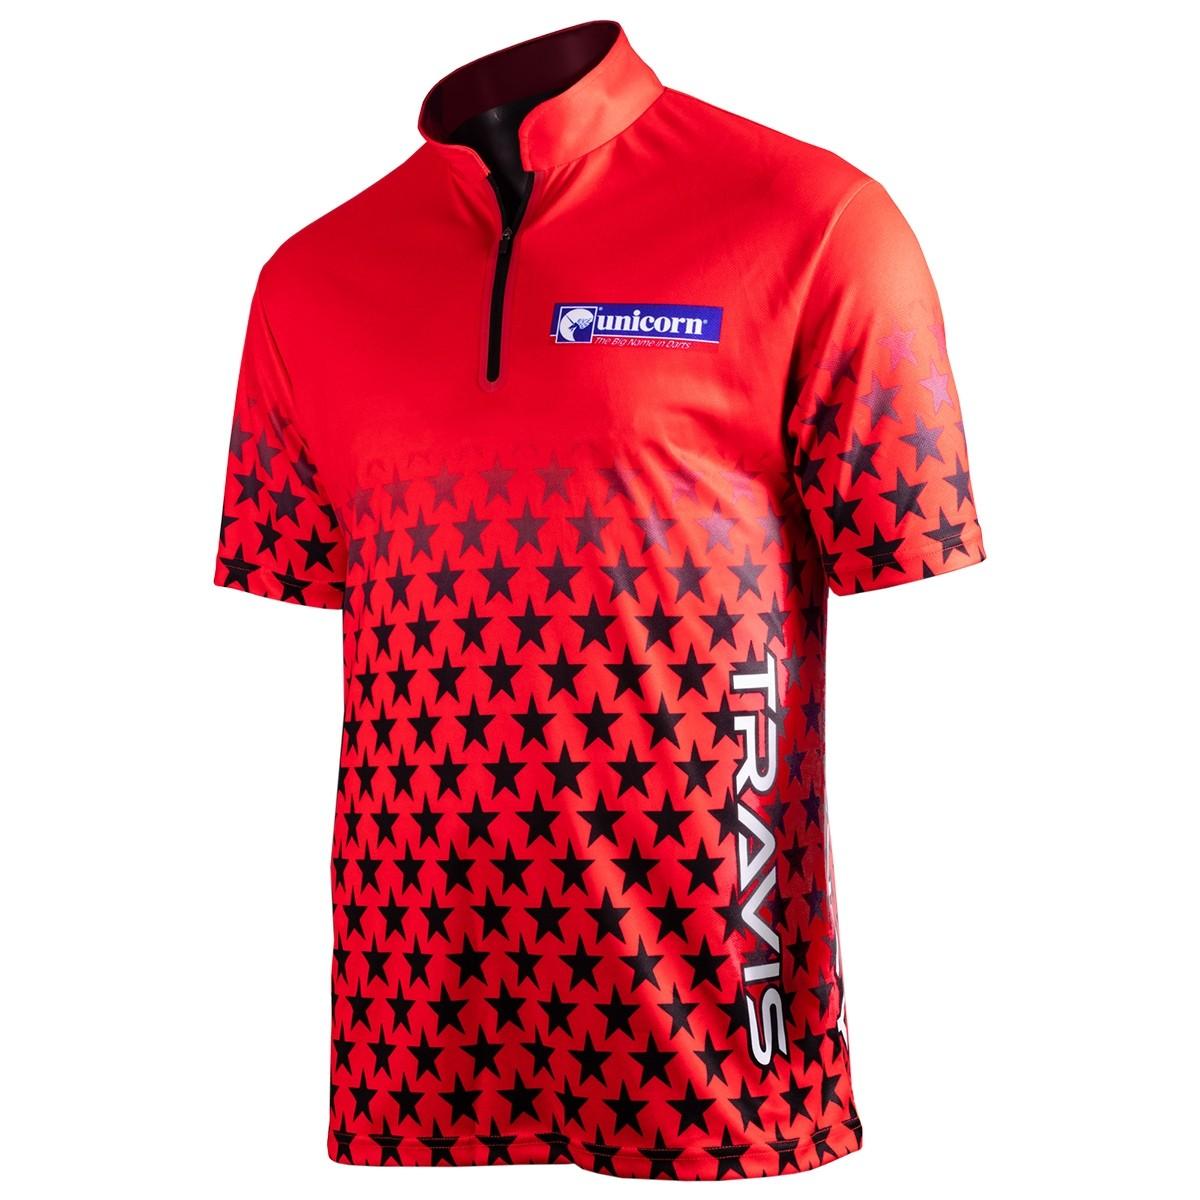 Official 2019 Joe Cullen Shirt